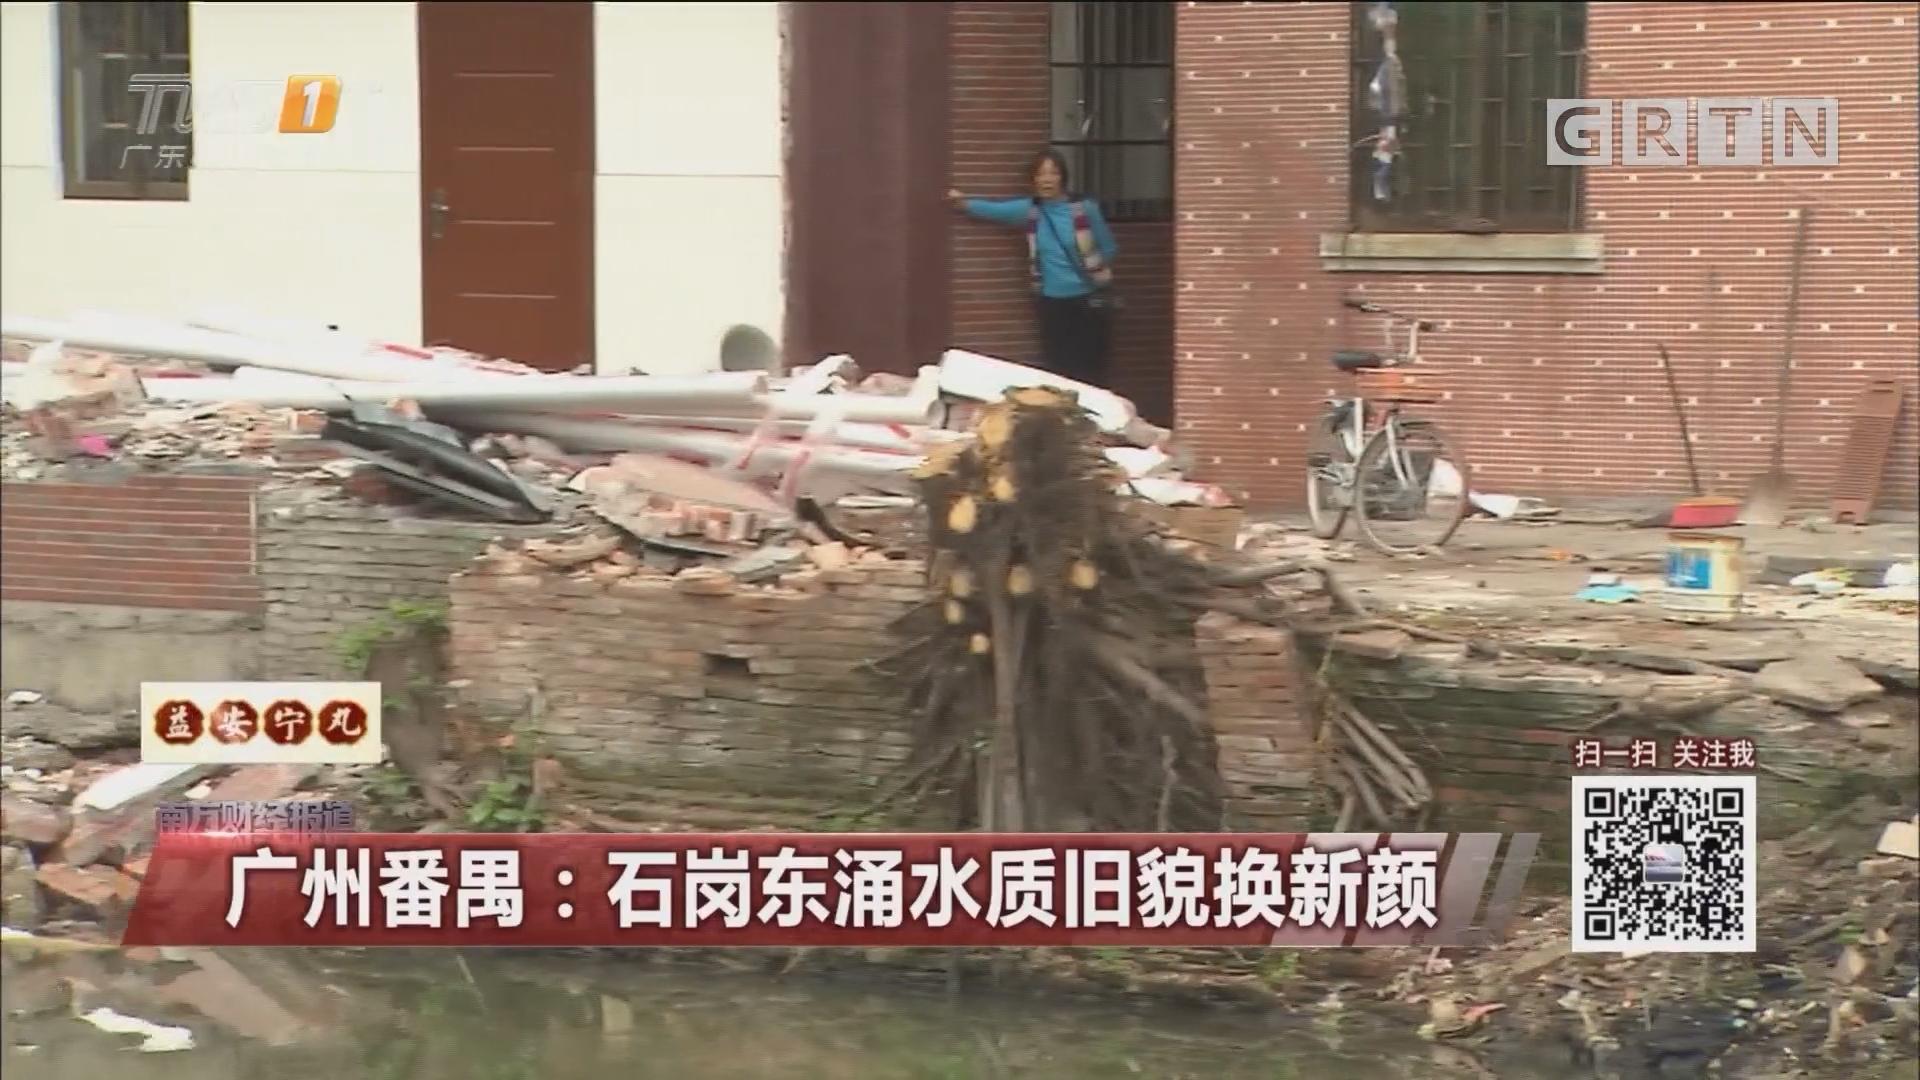 广州番禺:石岗东涌水质旧貌换新颜